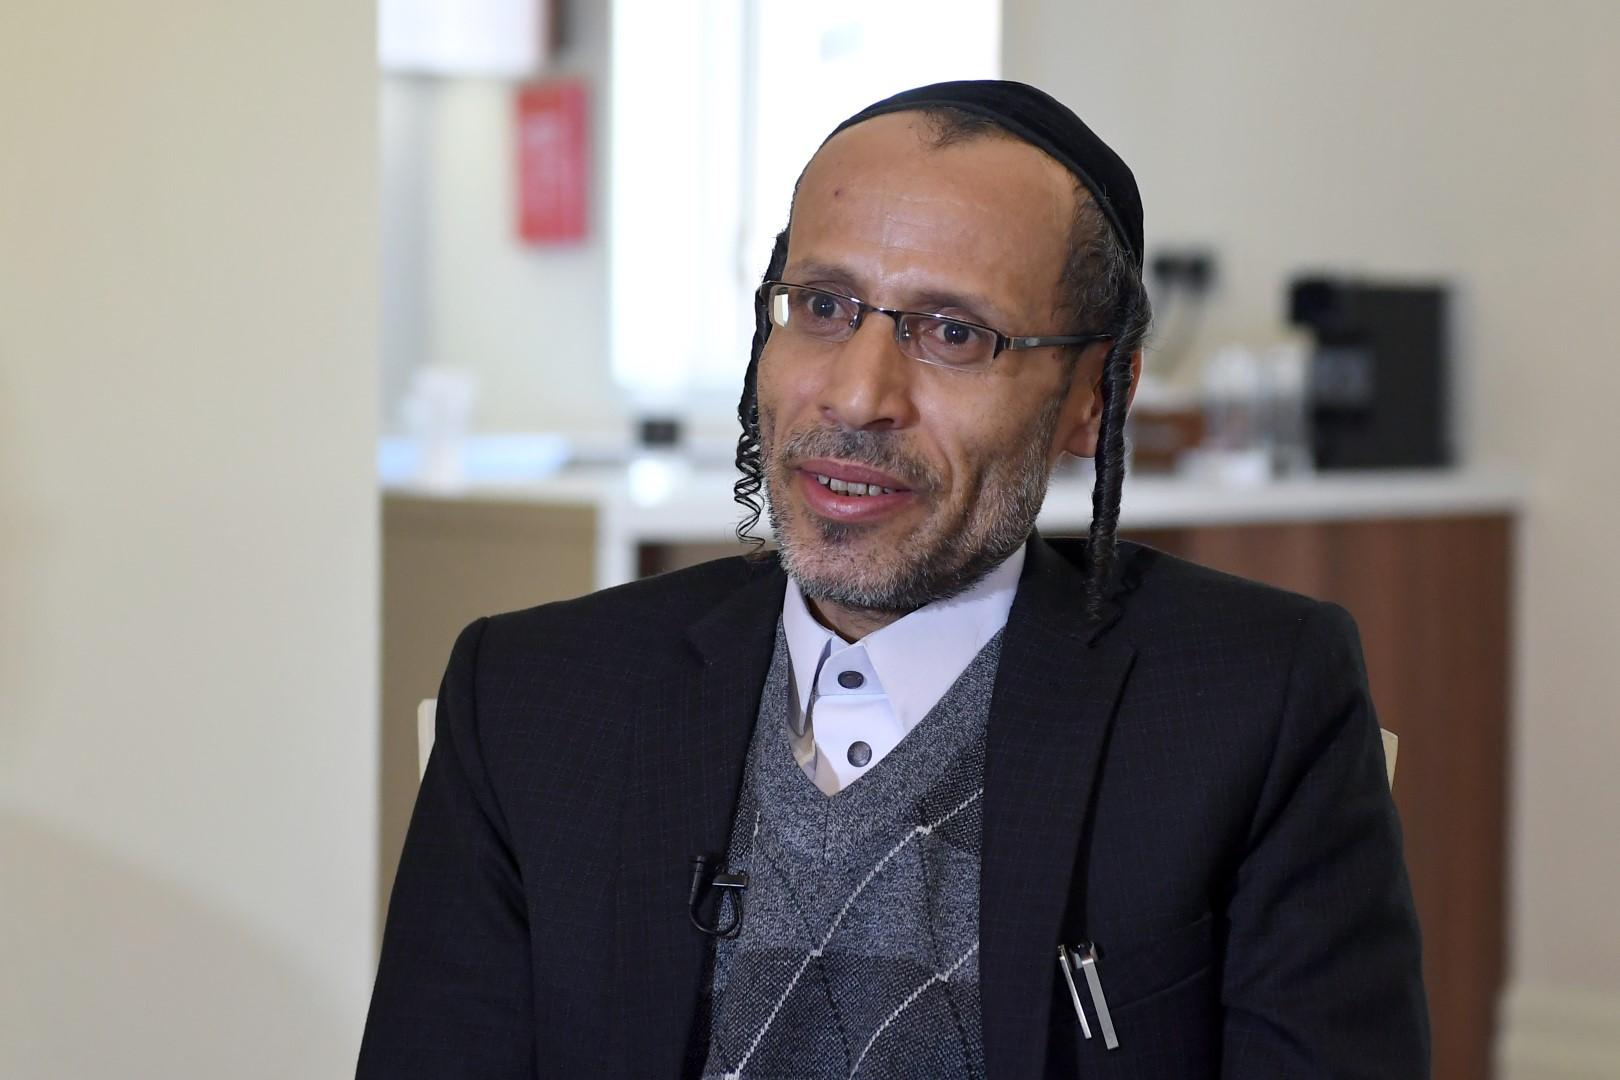 من اليمن إلى لندن.. رحلة عقدين من الفراق لأسرة يمنية يهودية جمعتها إنسانية الإمارات